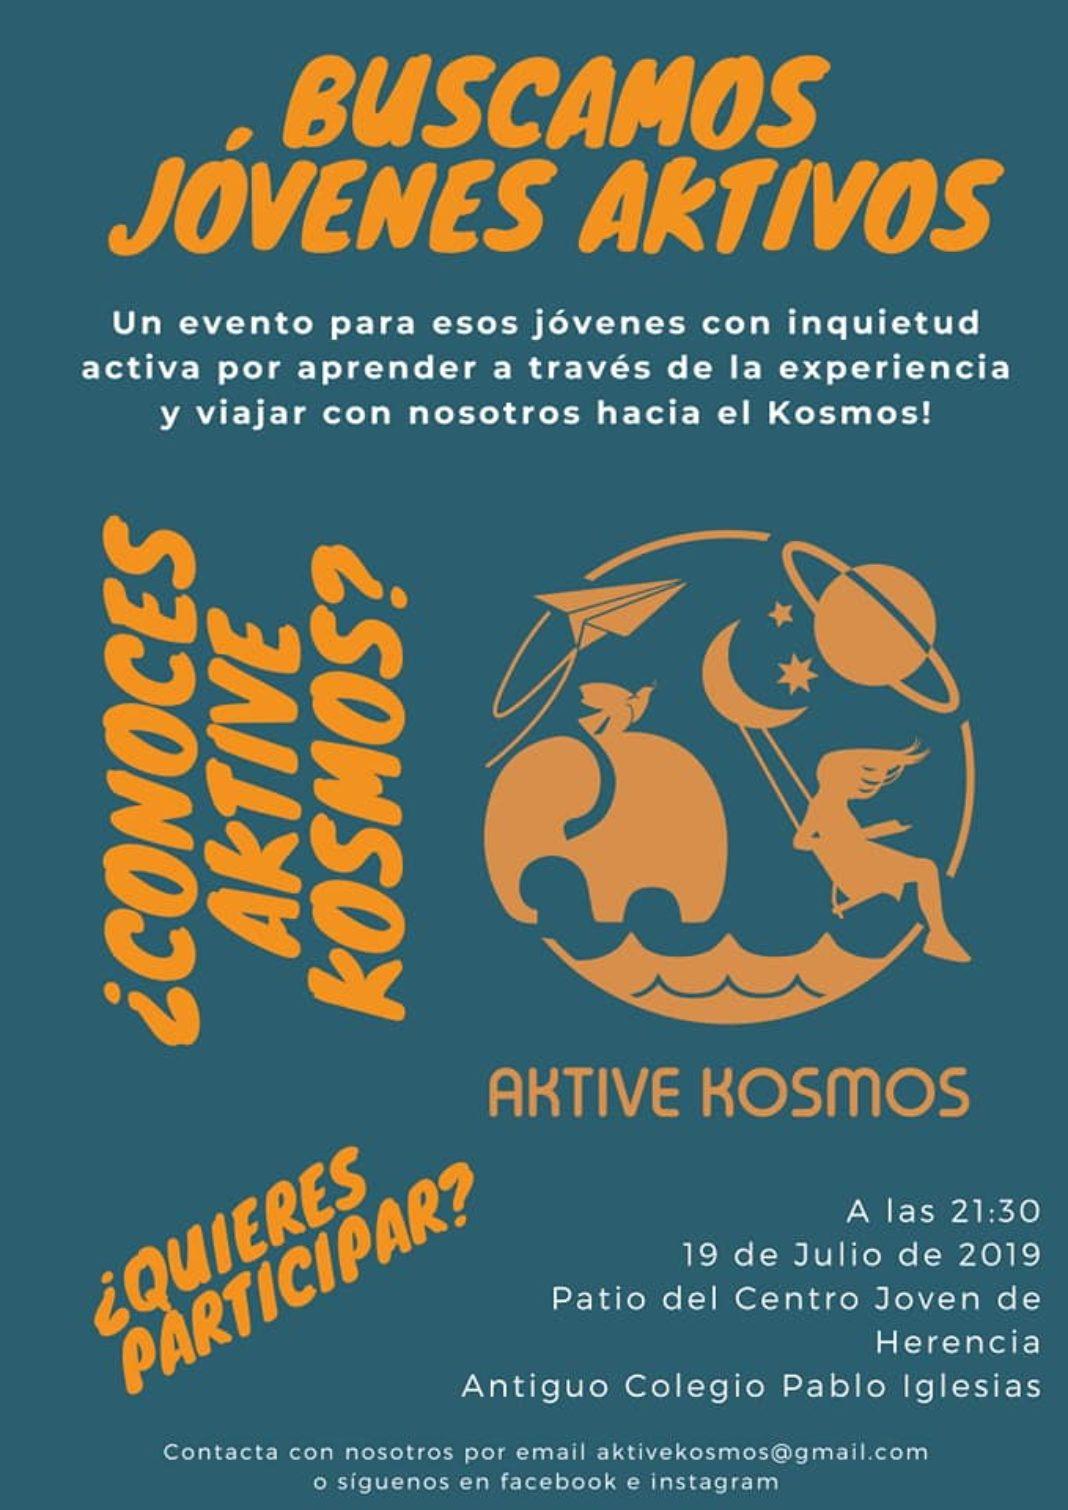 Aktive Kosmos presentación 1068x1510 - Aktive Kosmos presentará los proyectos de su asociación en el Centro Joven